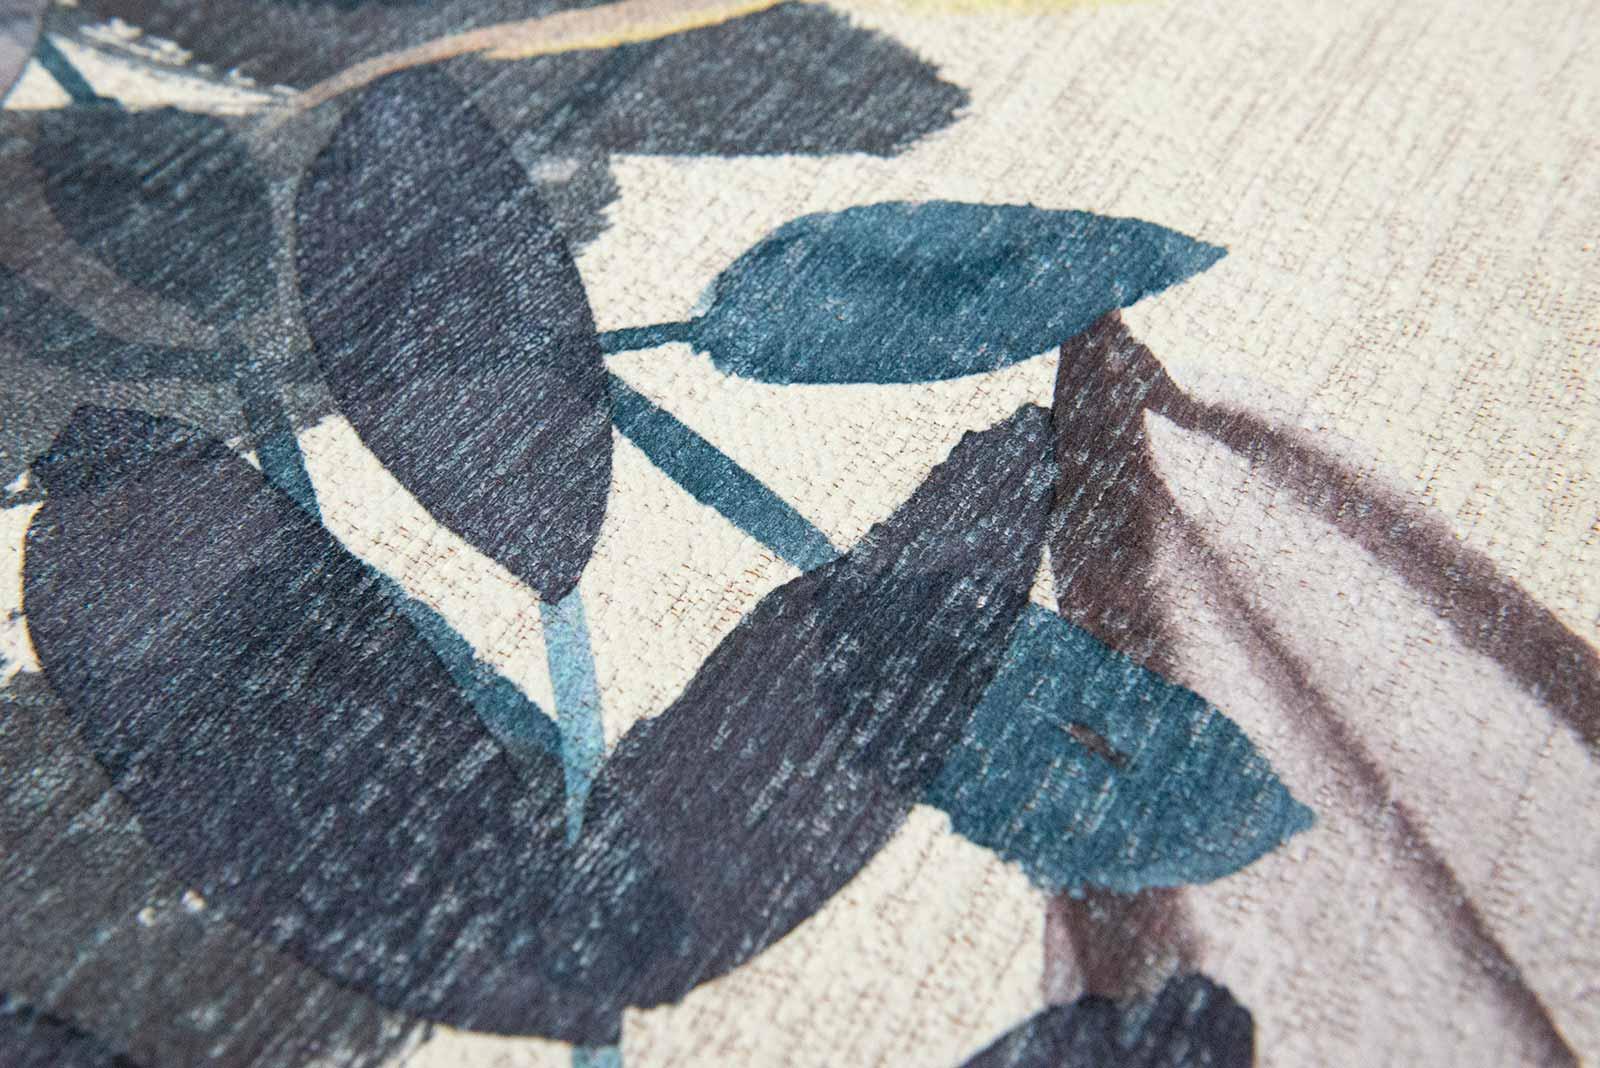 Louis De Poortere vloerkleed Fischbacher 8447 Estival Fresco zoom 1